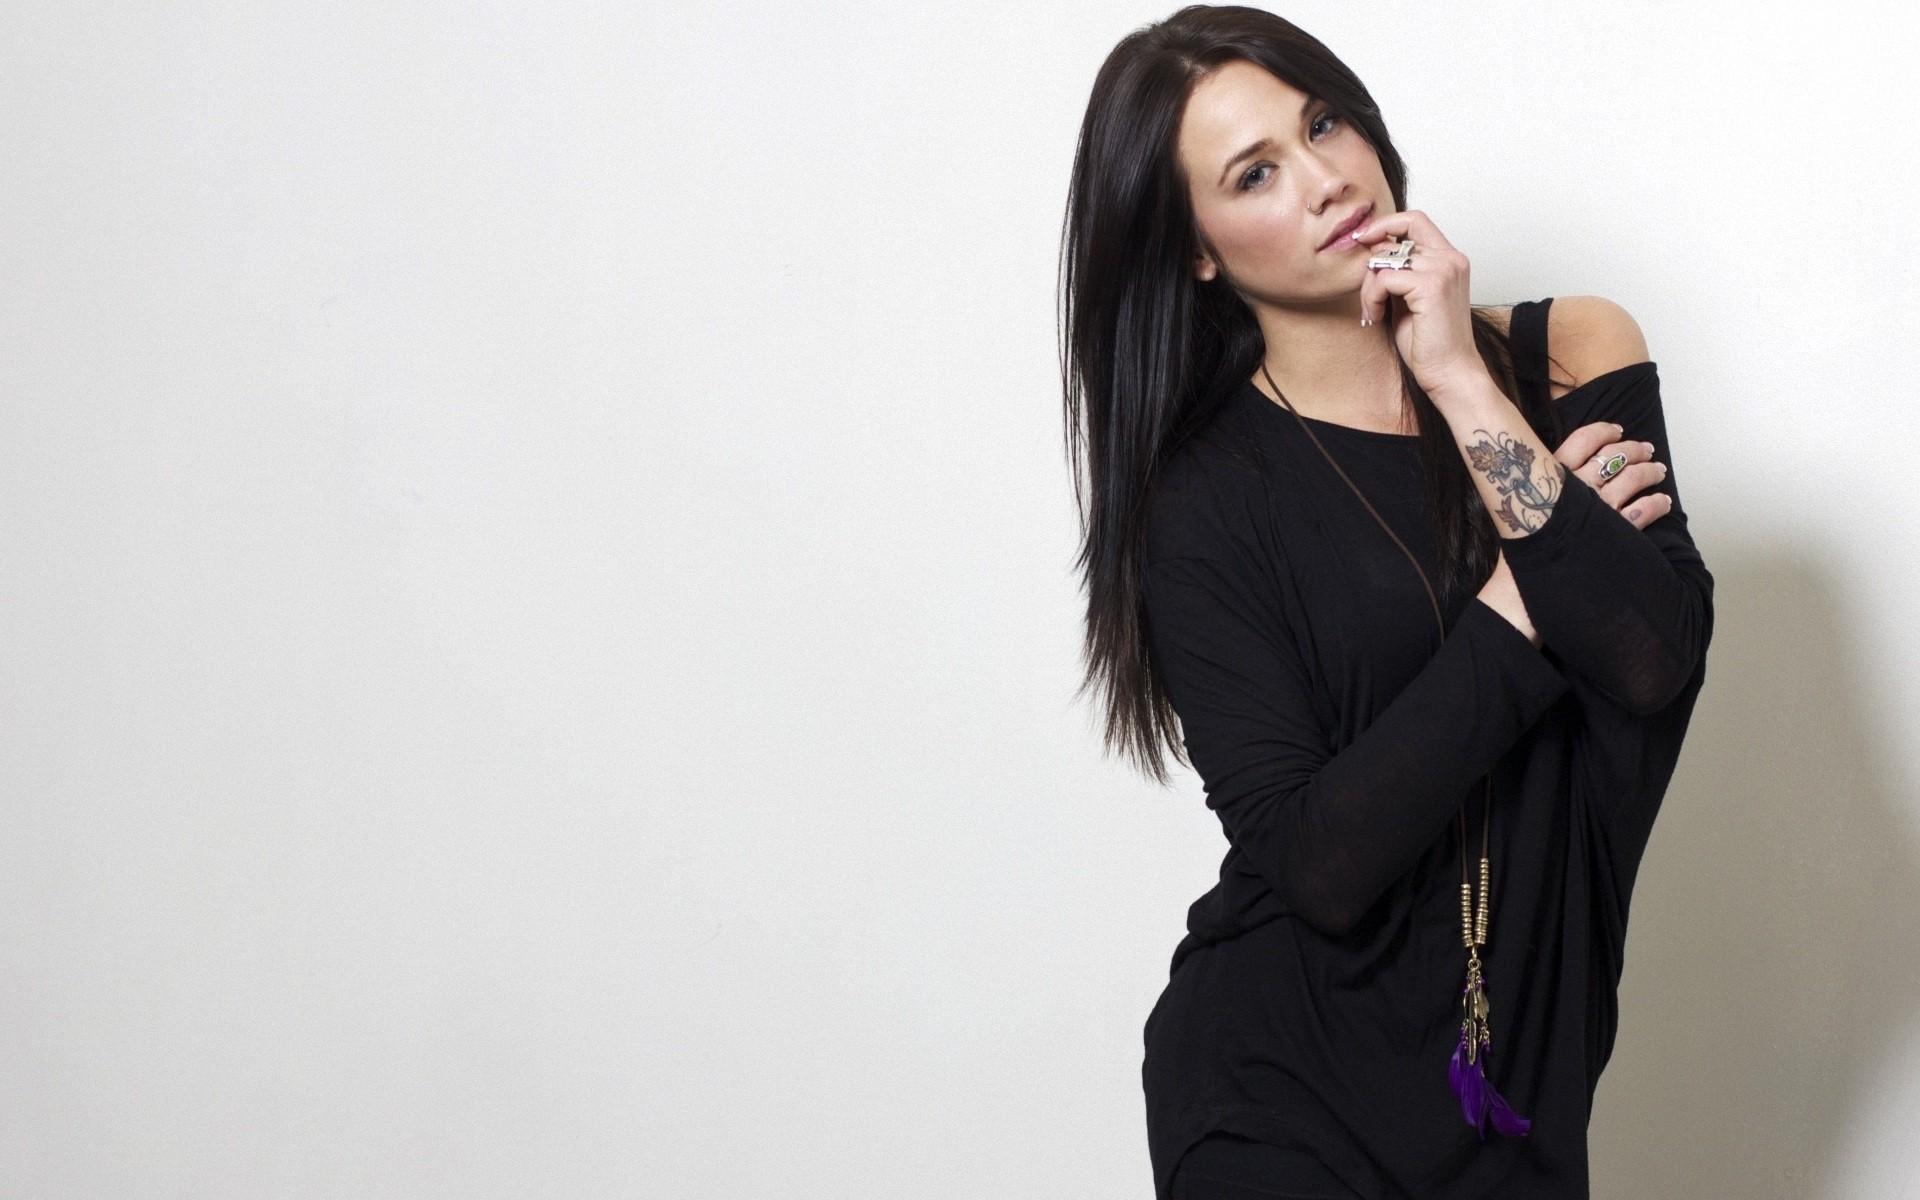 Megan Lyn con vestido negro - 1920x1200